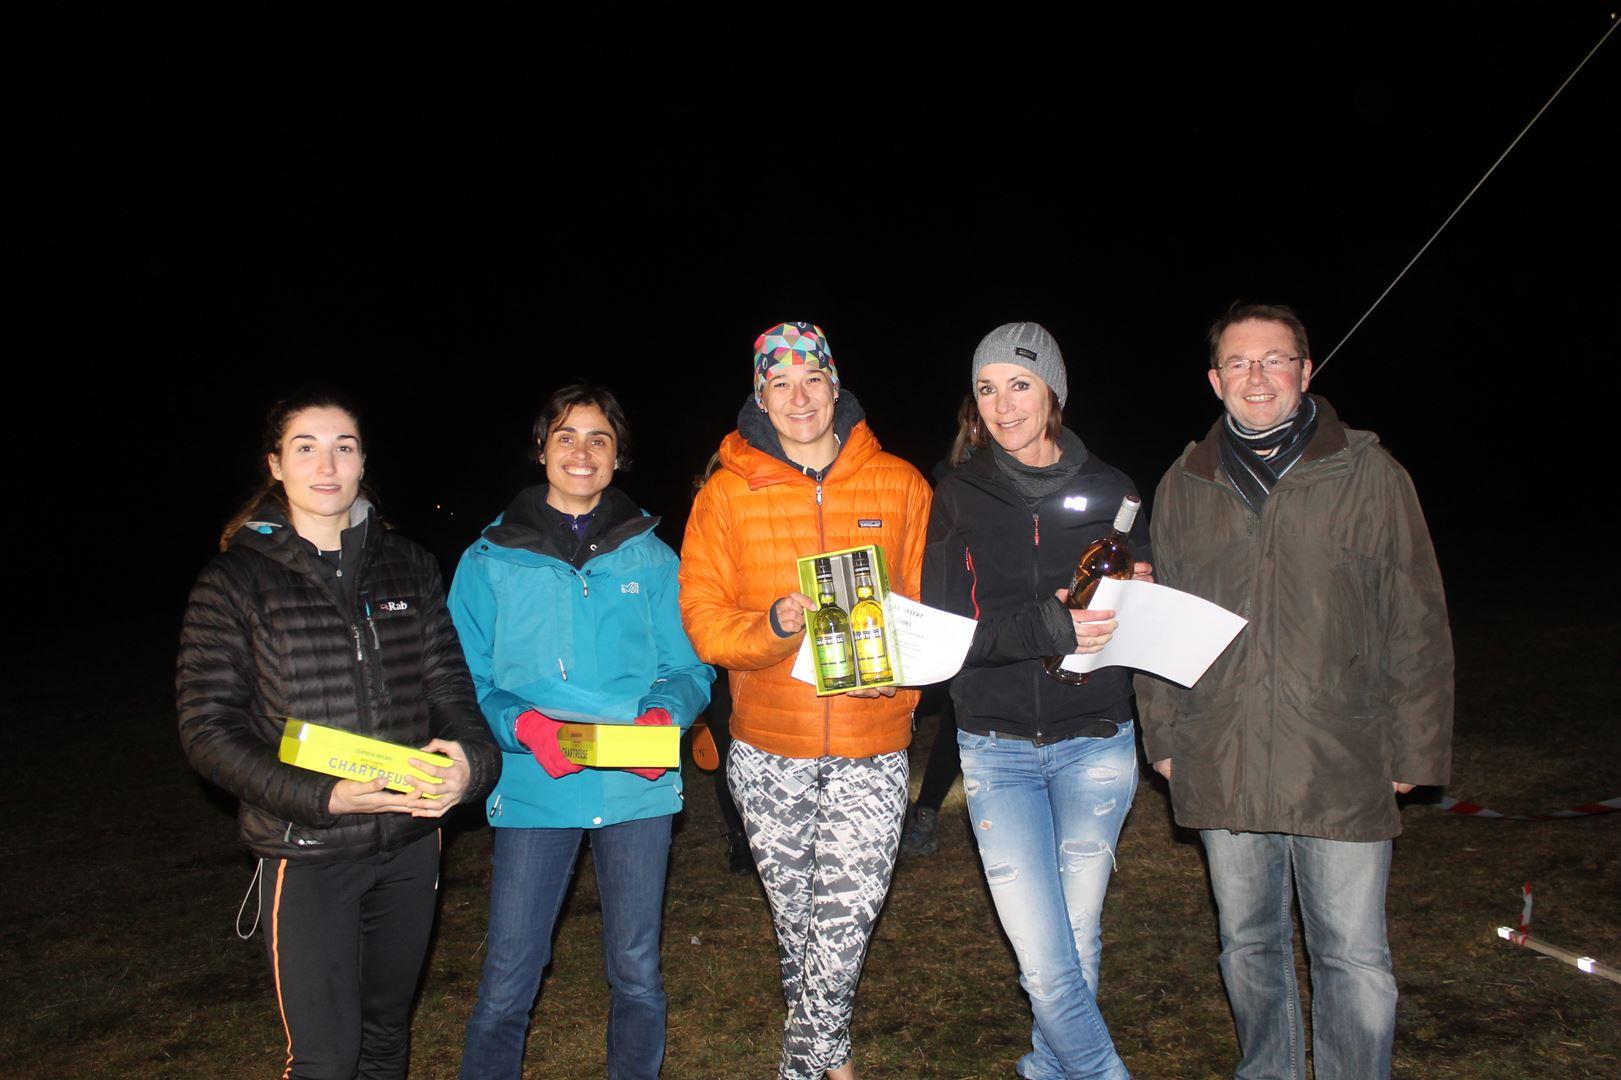 Podium filles du 8km - RESULTATS ET COMMENTAIRES DU TRAIL DU SAPPEY EN CHARTREUSE (38) -18-02-2017